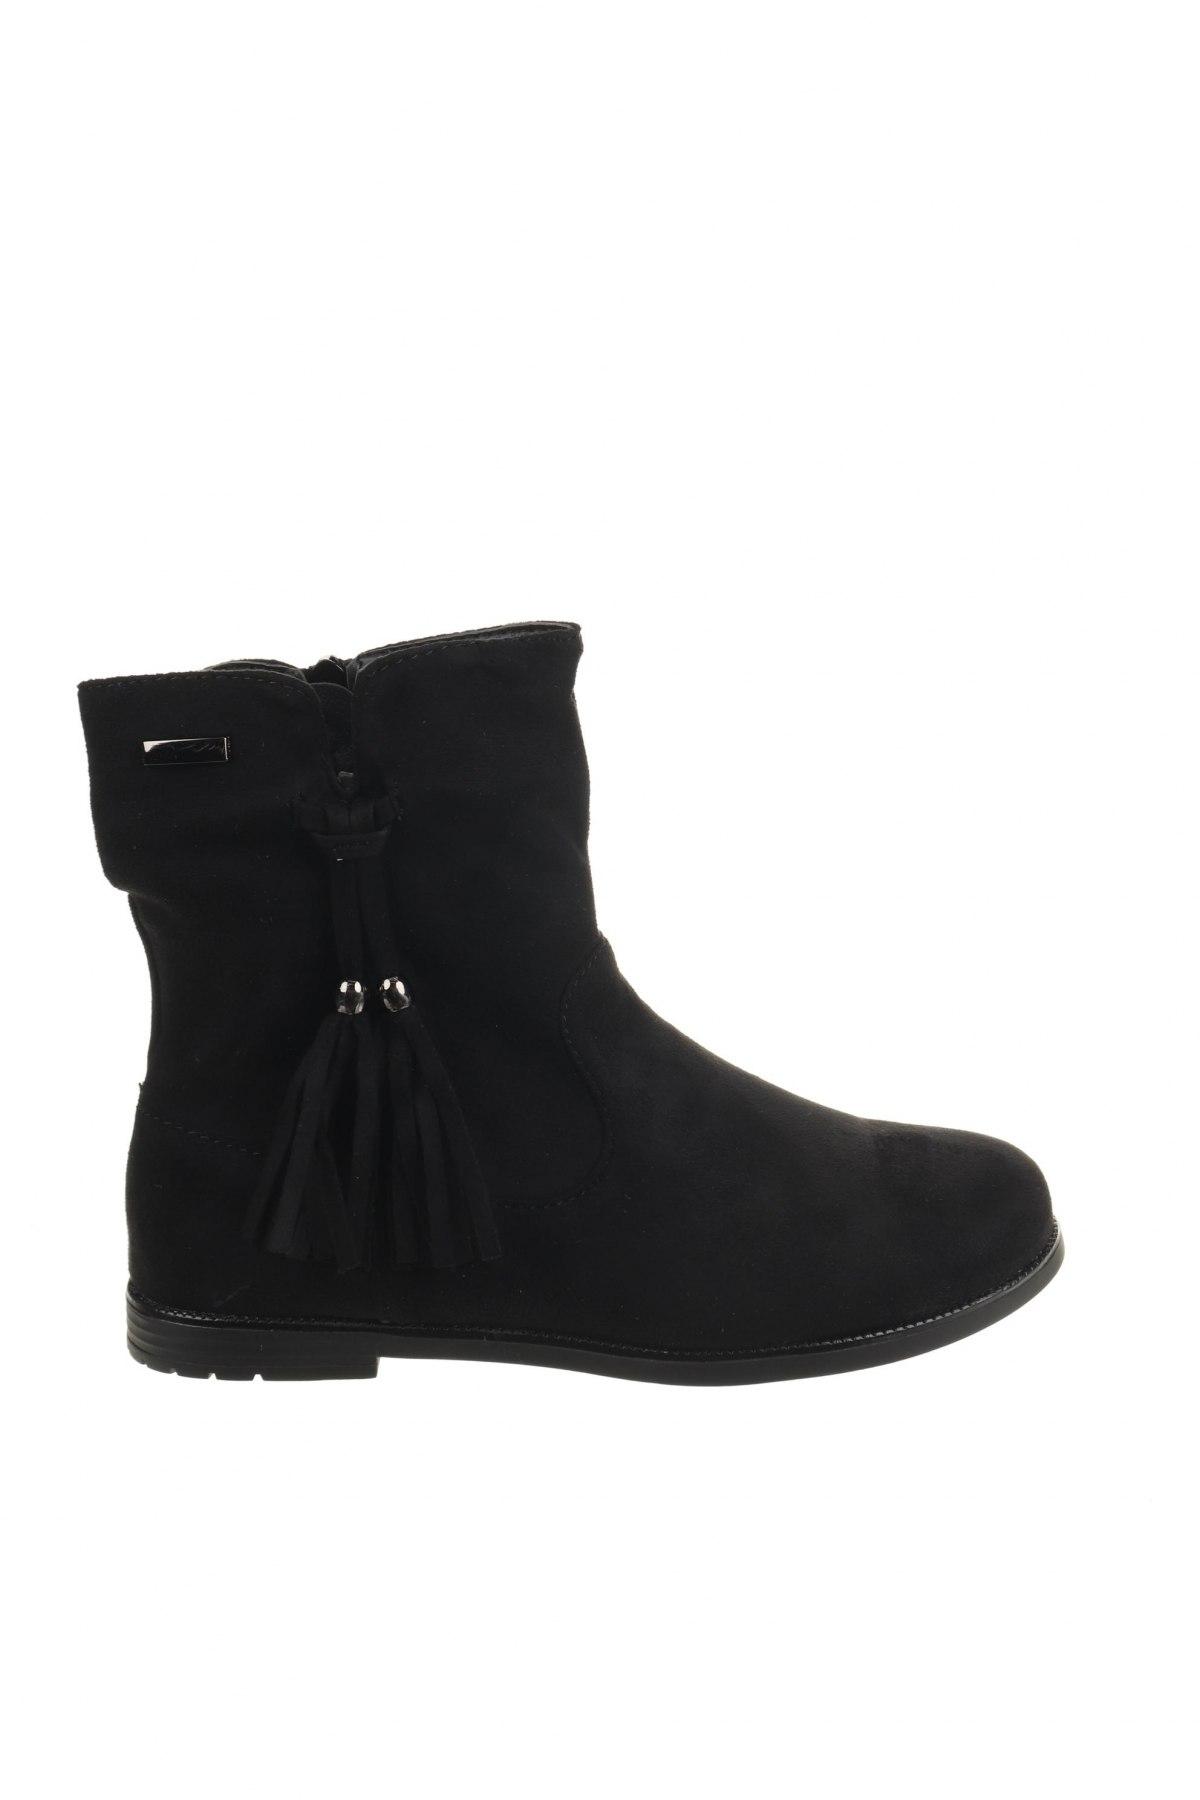 Παιδικά παπούτσια Super mode, Μέγεθος 34, Χρώμα Μαύρο, Κλωστοϋφαντουργικά προϊόντα, Τιμή 17,81€